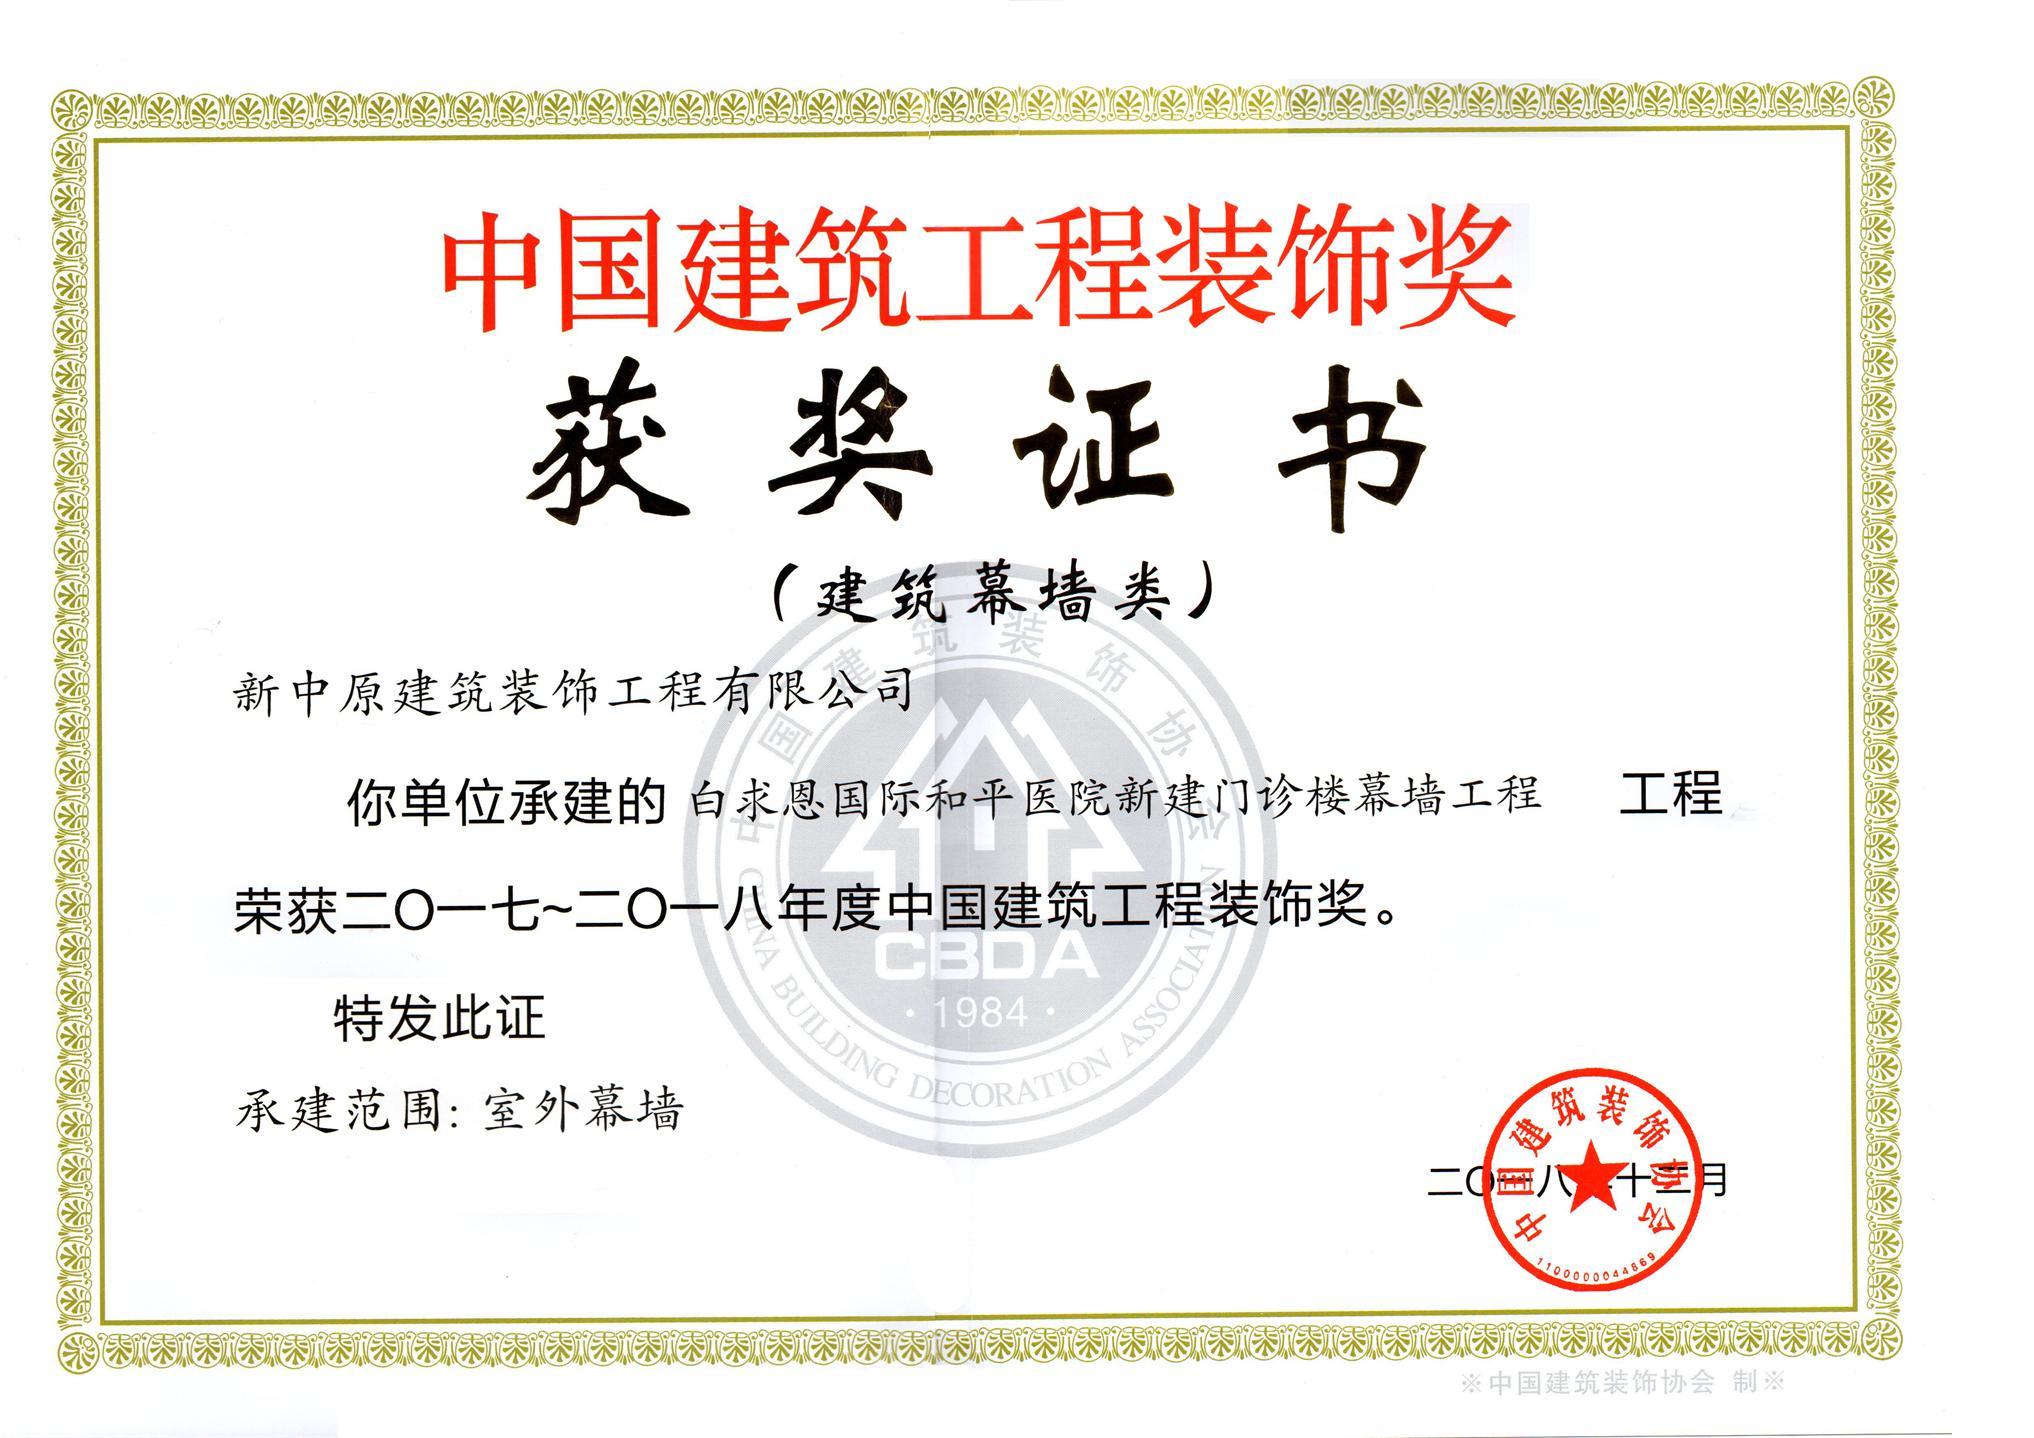 中国建筑工程装饰奖